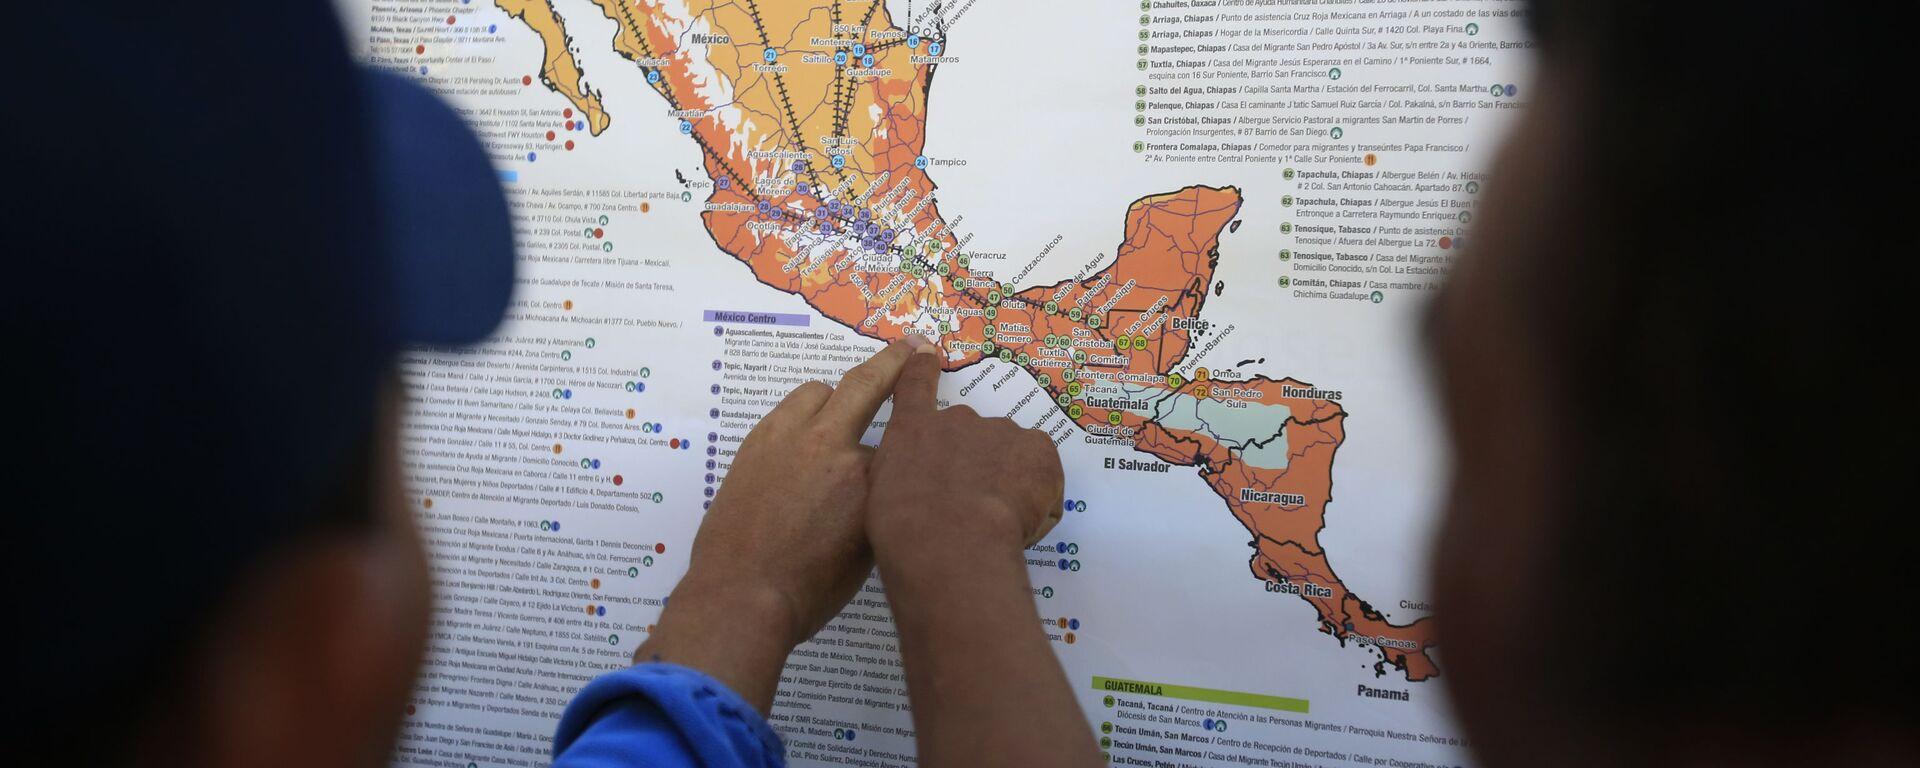 Migrantes centroamericanos planean su recorrido con un mapa en Ciudad de México - Sputnik Mundo, 1920, 16.07.2020